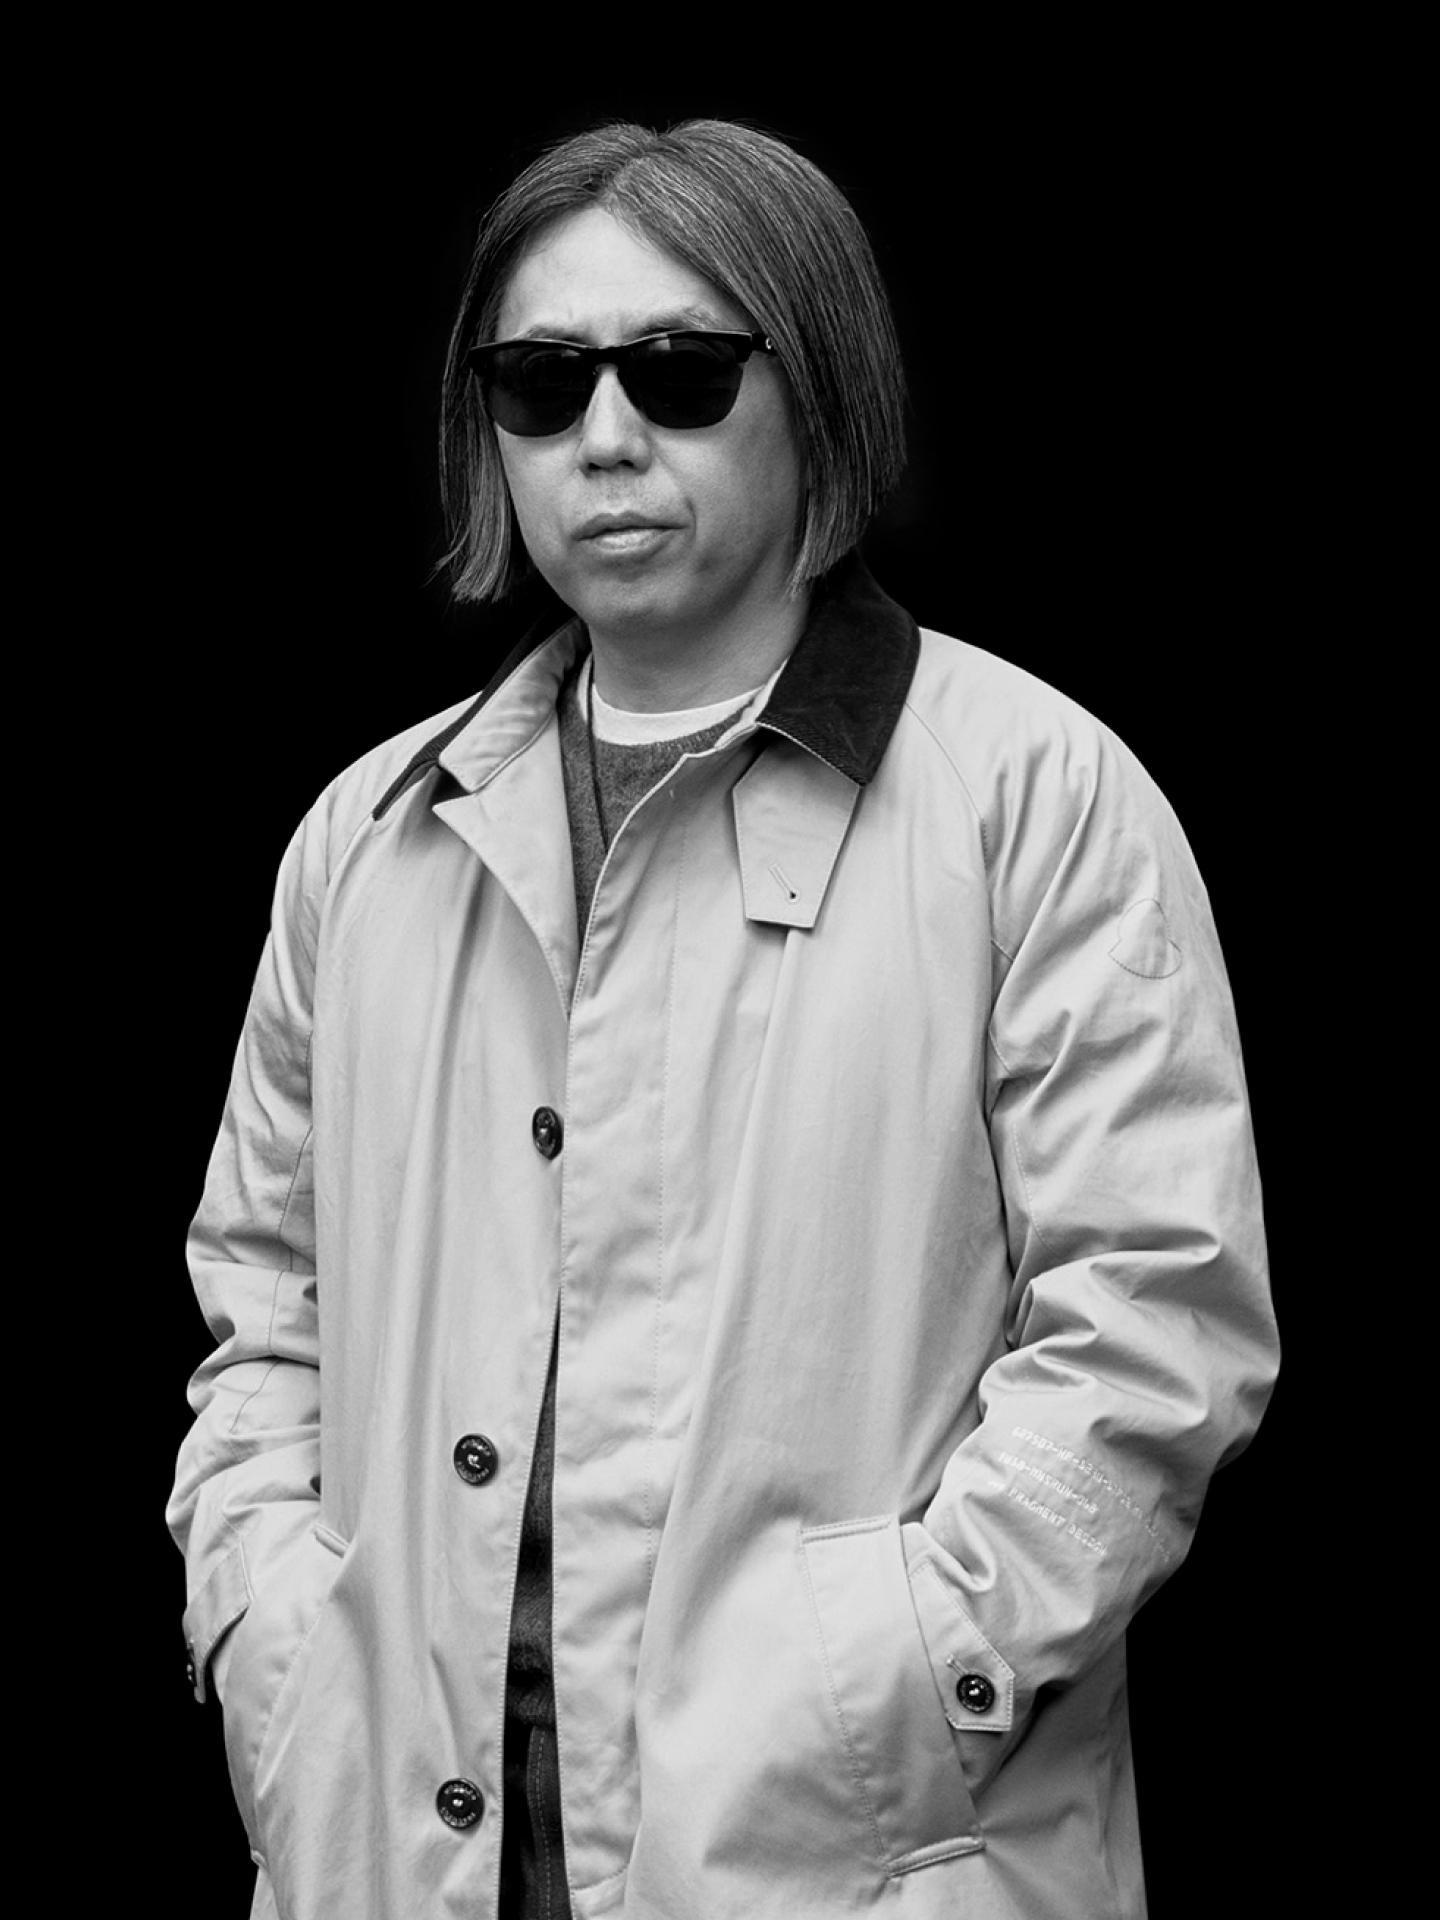 Designer Hiroshi Fujiwara for Moncler Genius